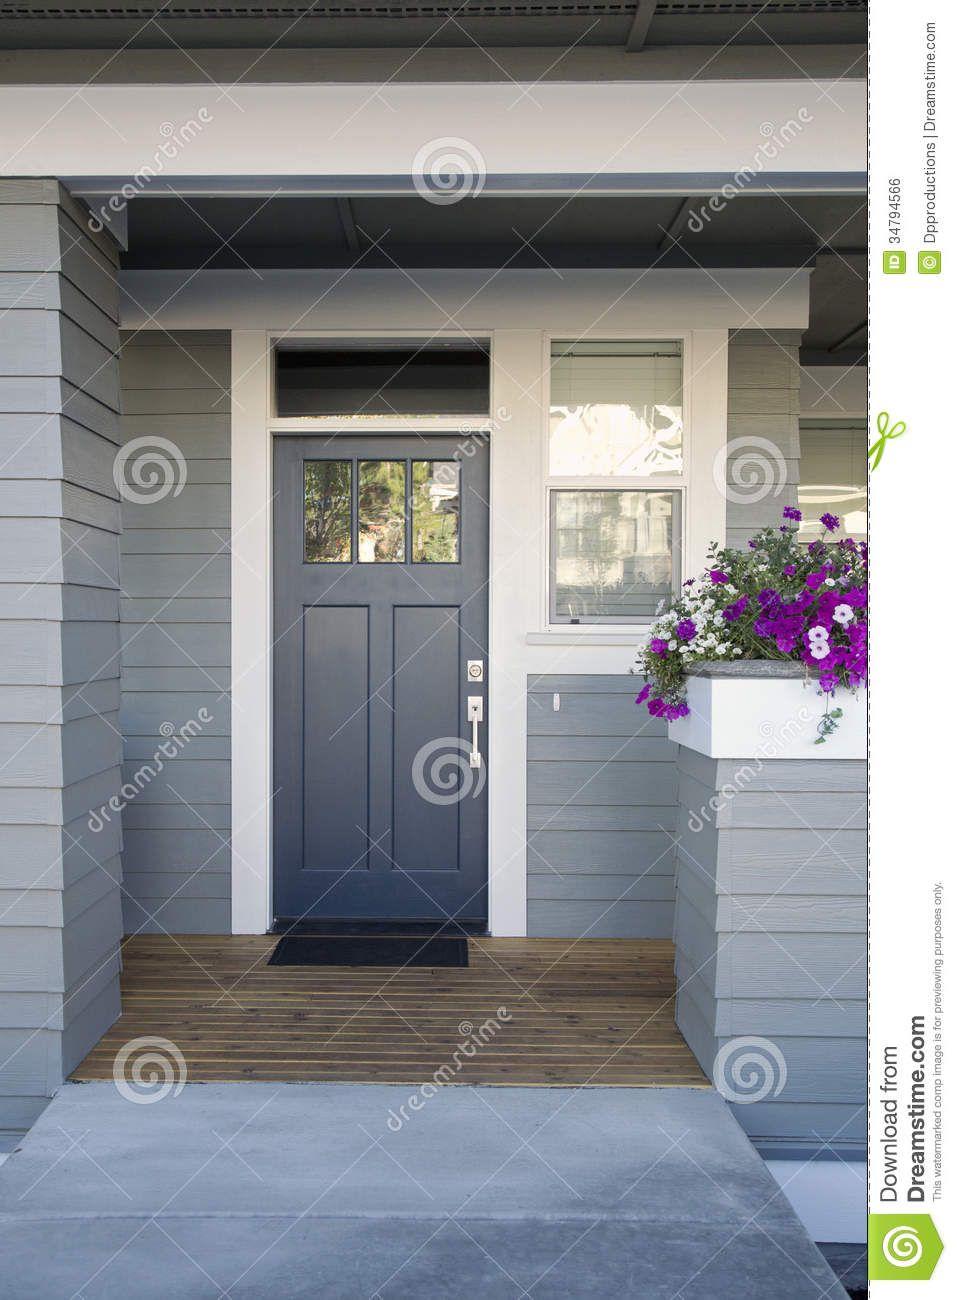 Haustüren weiß grau  Graue Haustür Eines Hauses Lizenzfreies Stockbild - Bild: 34794566 ...